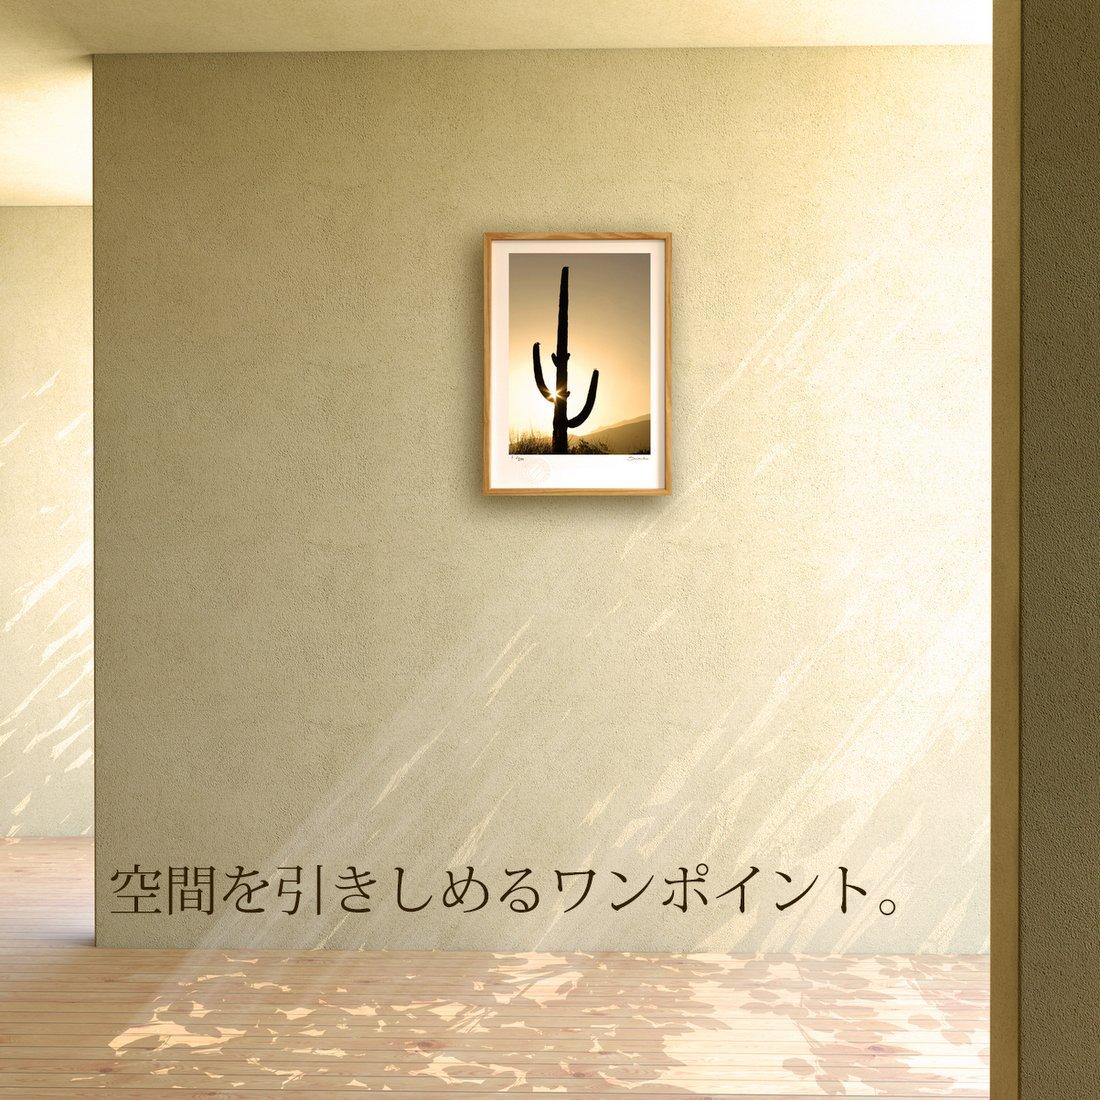 【版画 絵画】コスモスと秋の空(スミコ スコット)/インテリア 壁掛け 額入り アート アートパネル アートフレーム